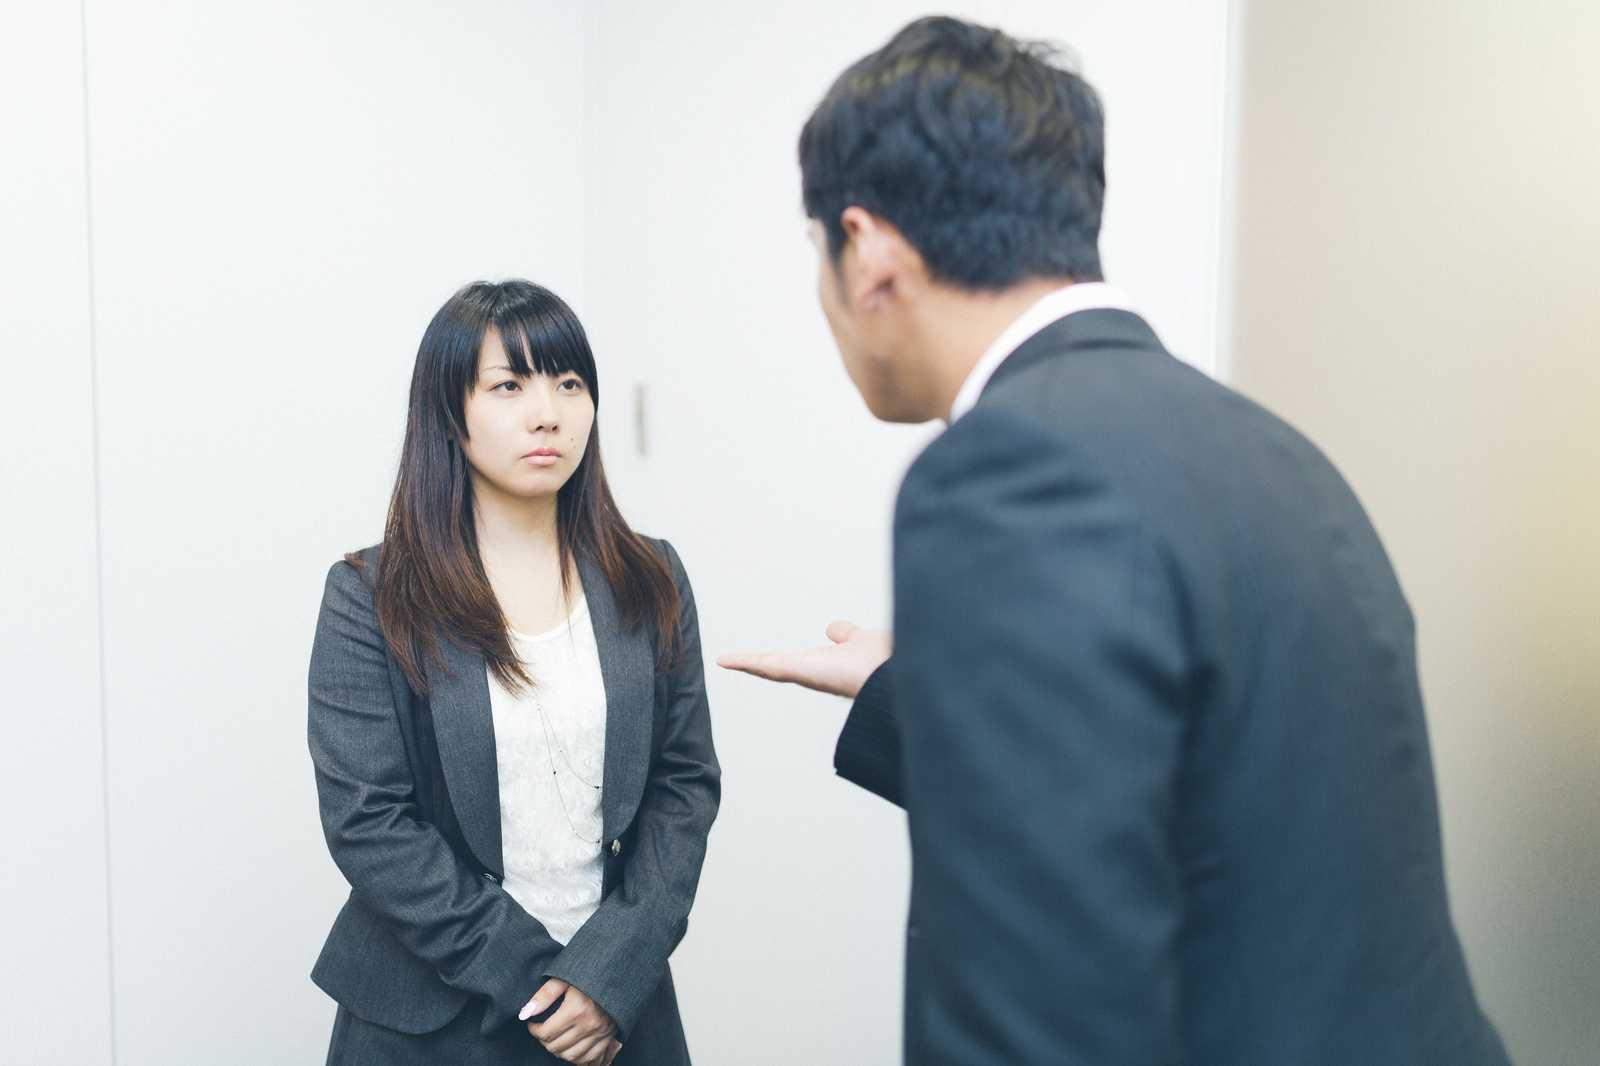 上司と合わないから仕事を辞めたい。どう対策する?